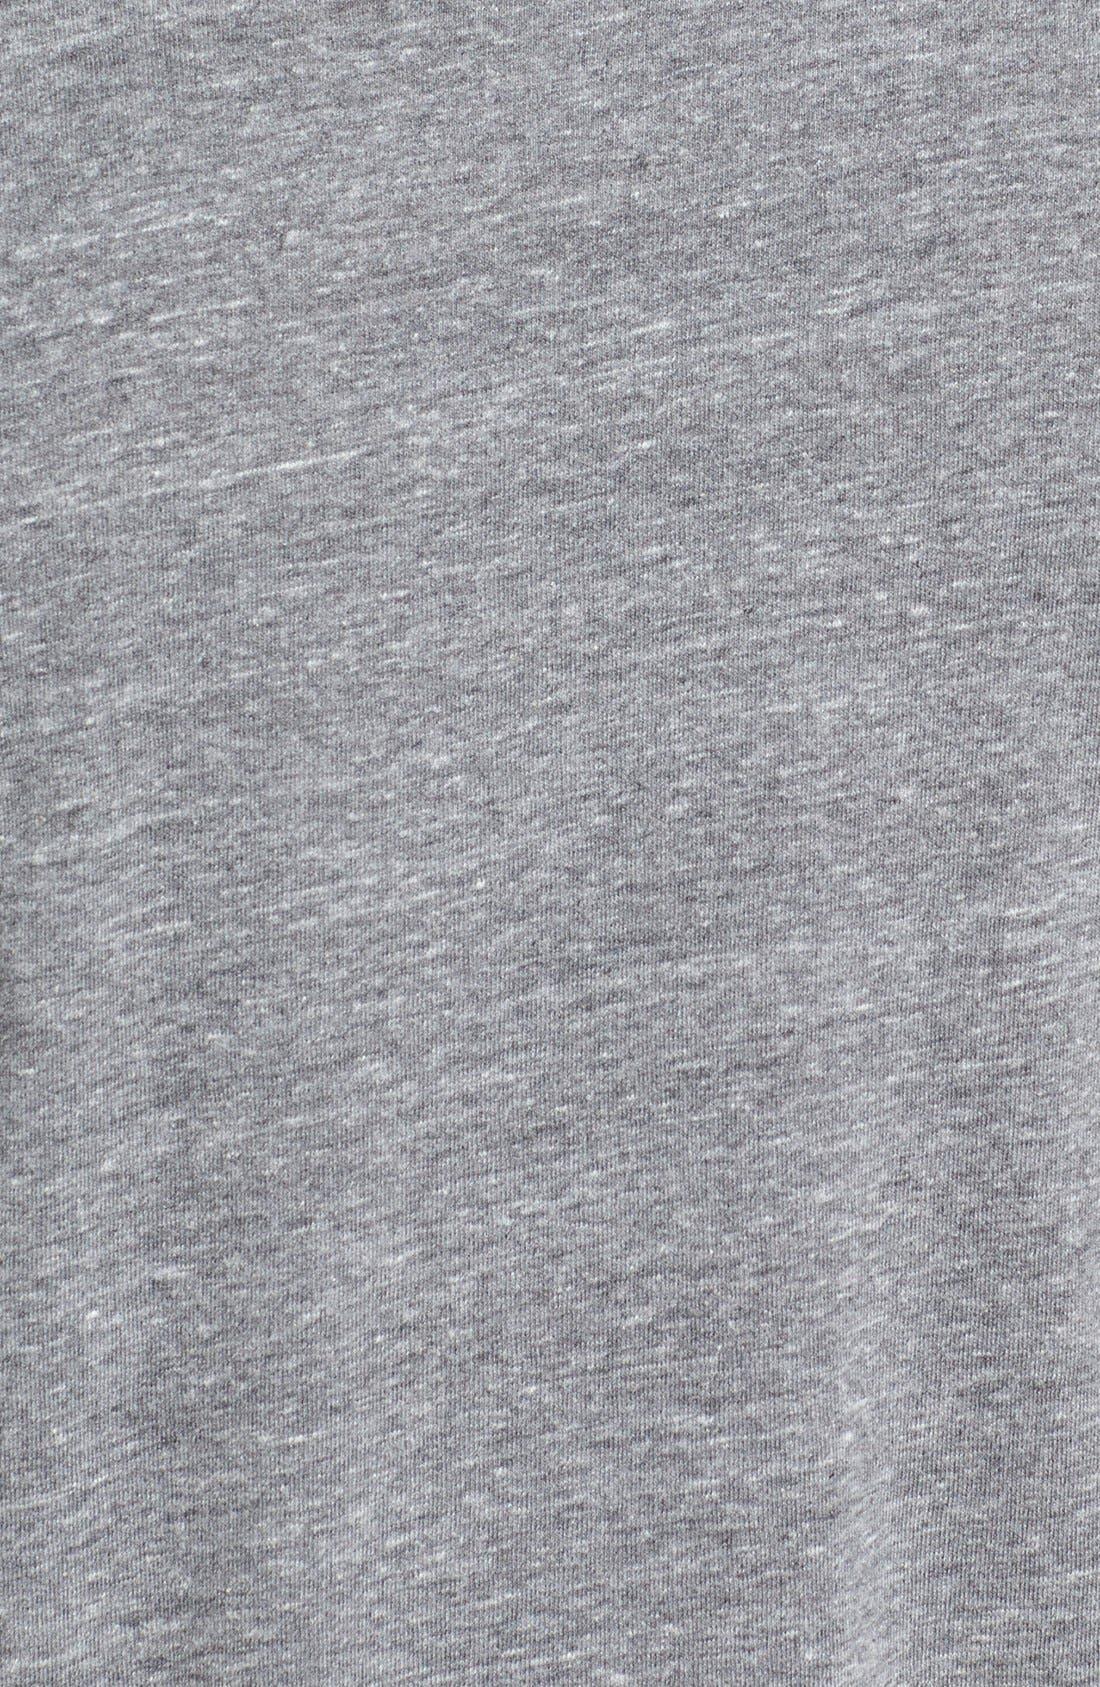 Alternate Image 3  - Retro Brand 'The U - University of Utah' Graphic T-Shirt